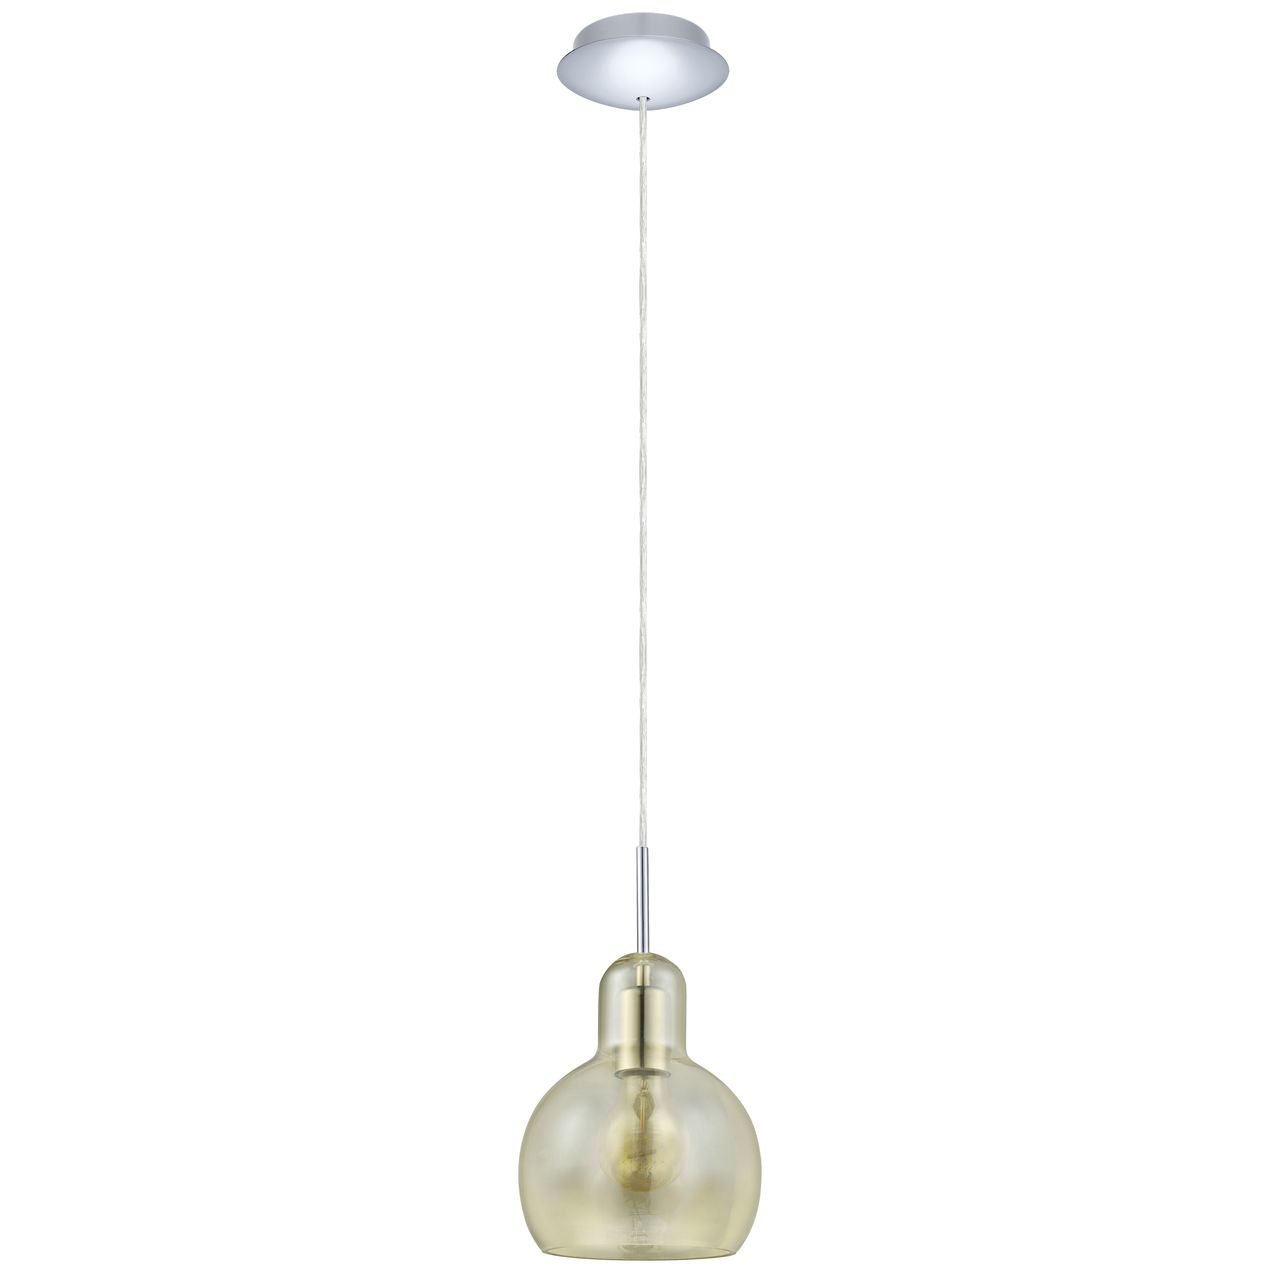 Подвесной светильник Eglo Vintage 49267 подвесной светильник eglo vintage 49224